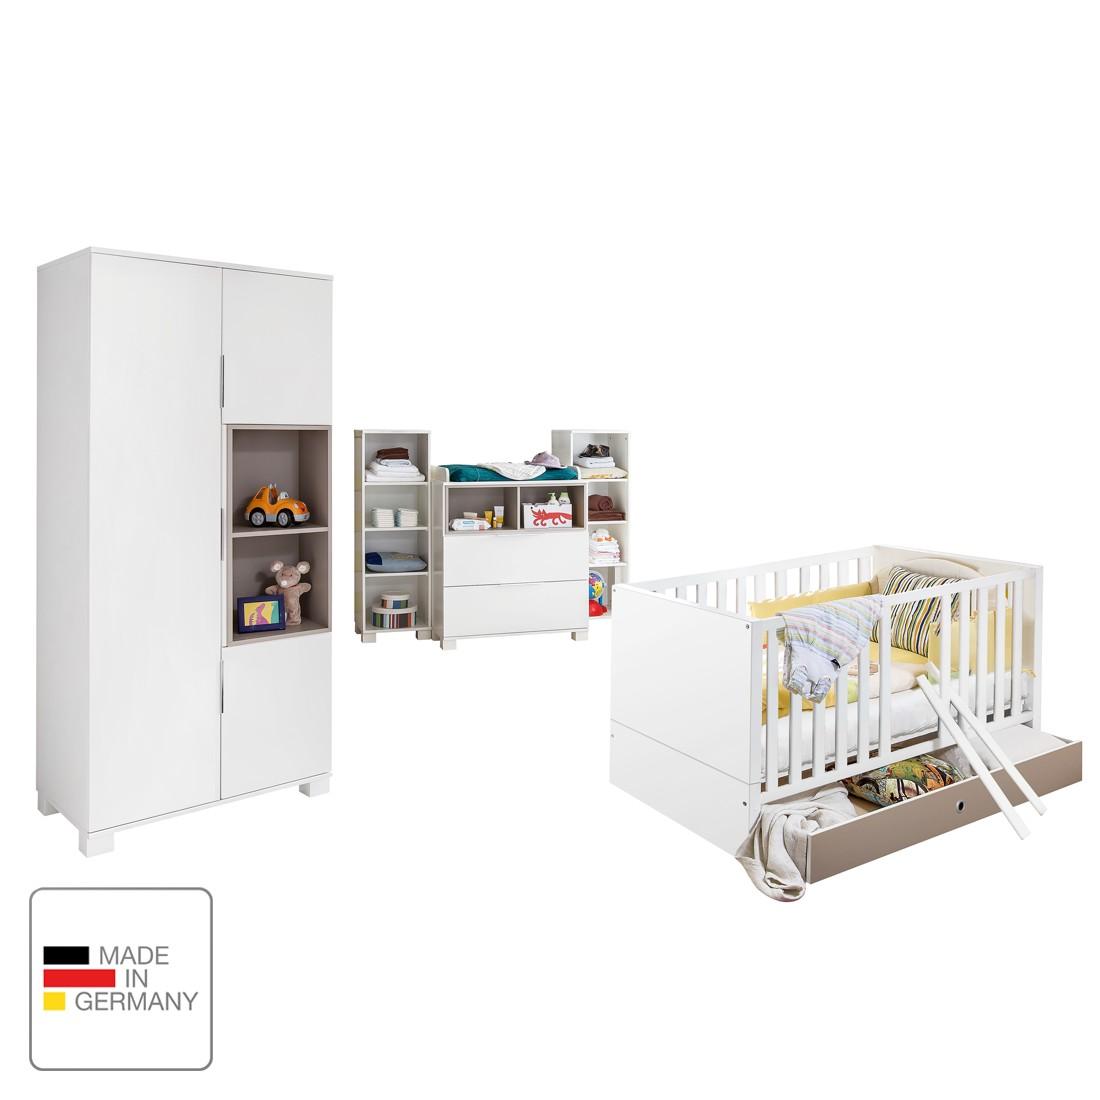 Babyzimmerkombination Joris I – Alpinweiß / Sandgrau, Wimex jetzt kaufen